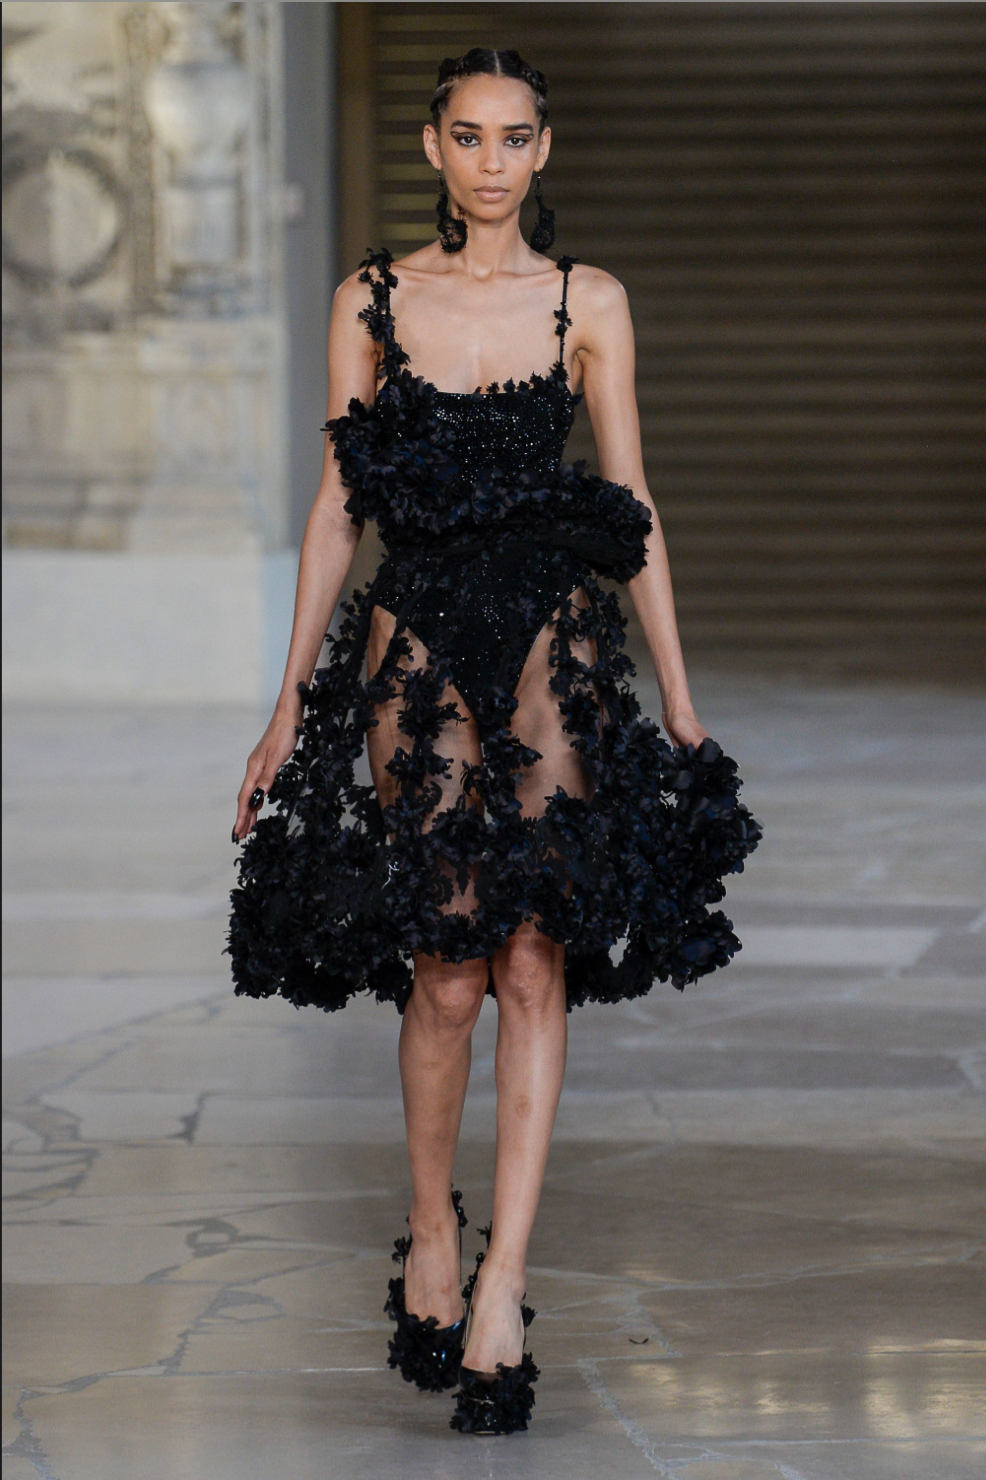 84f4cb1155485c https   paris-shanghai-fashion.com 2018 08 16 glossier-glossier ...